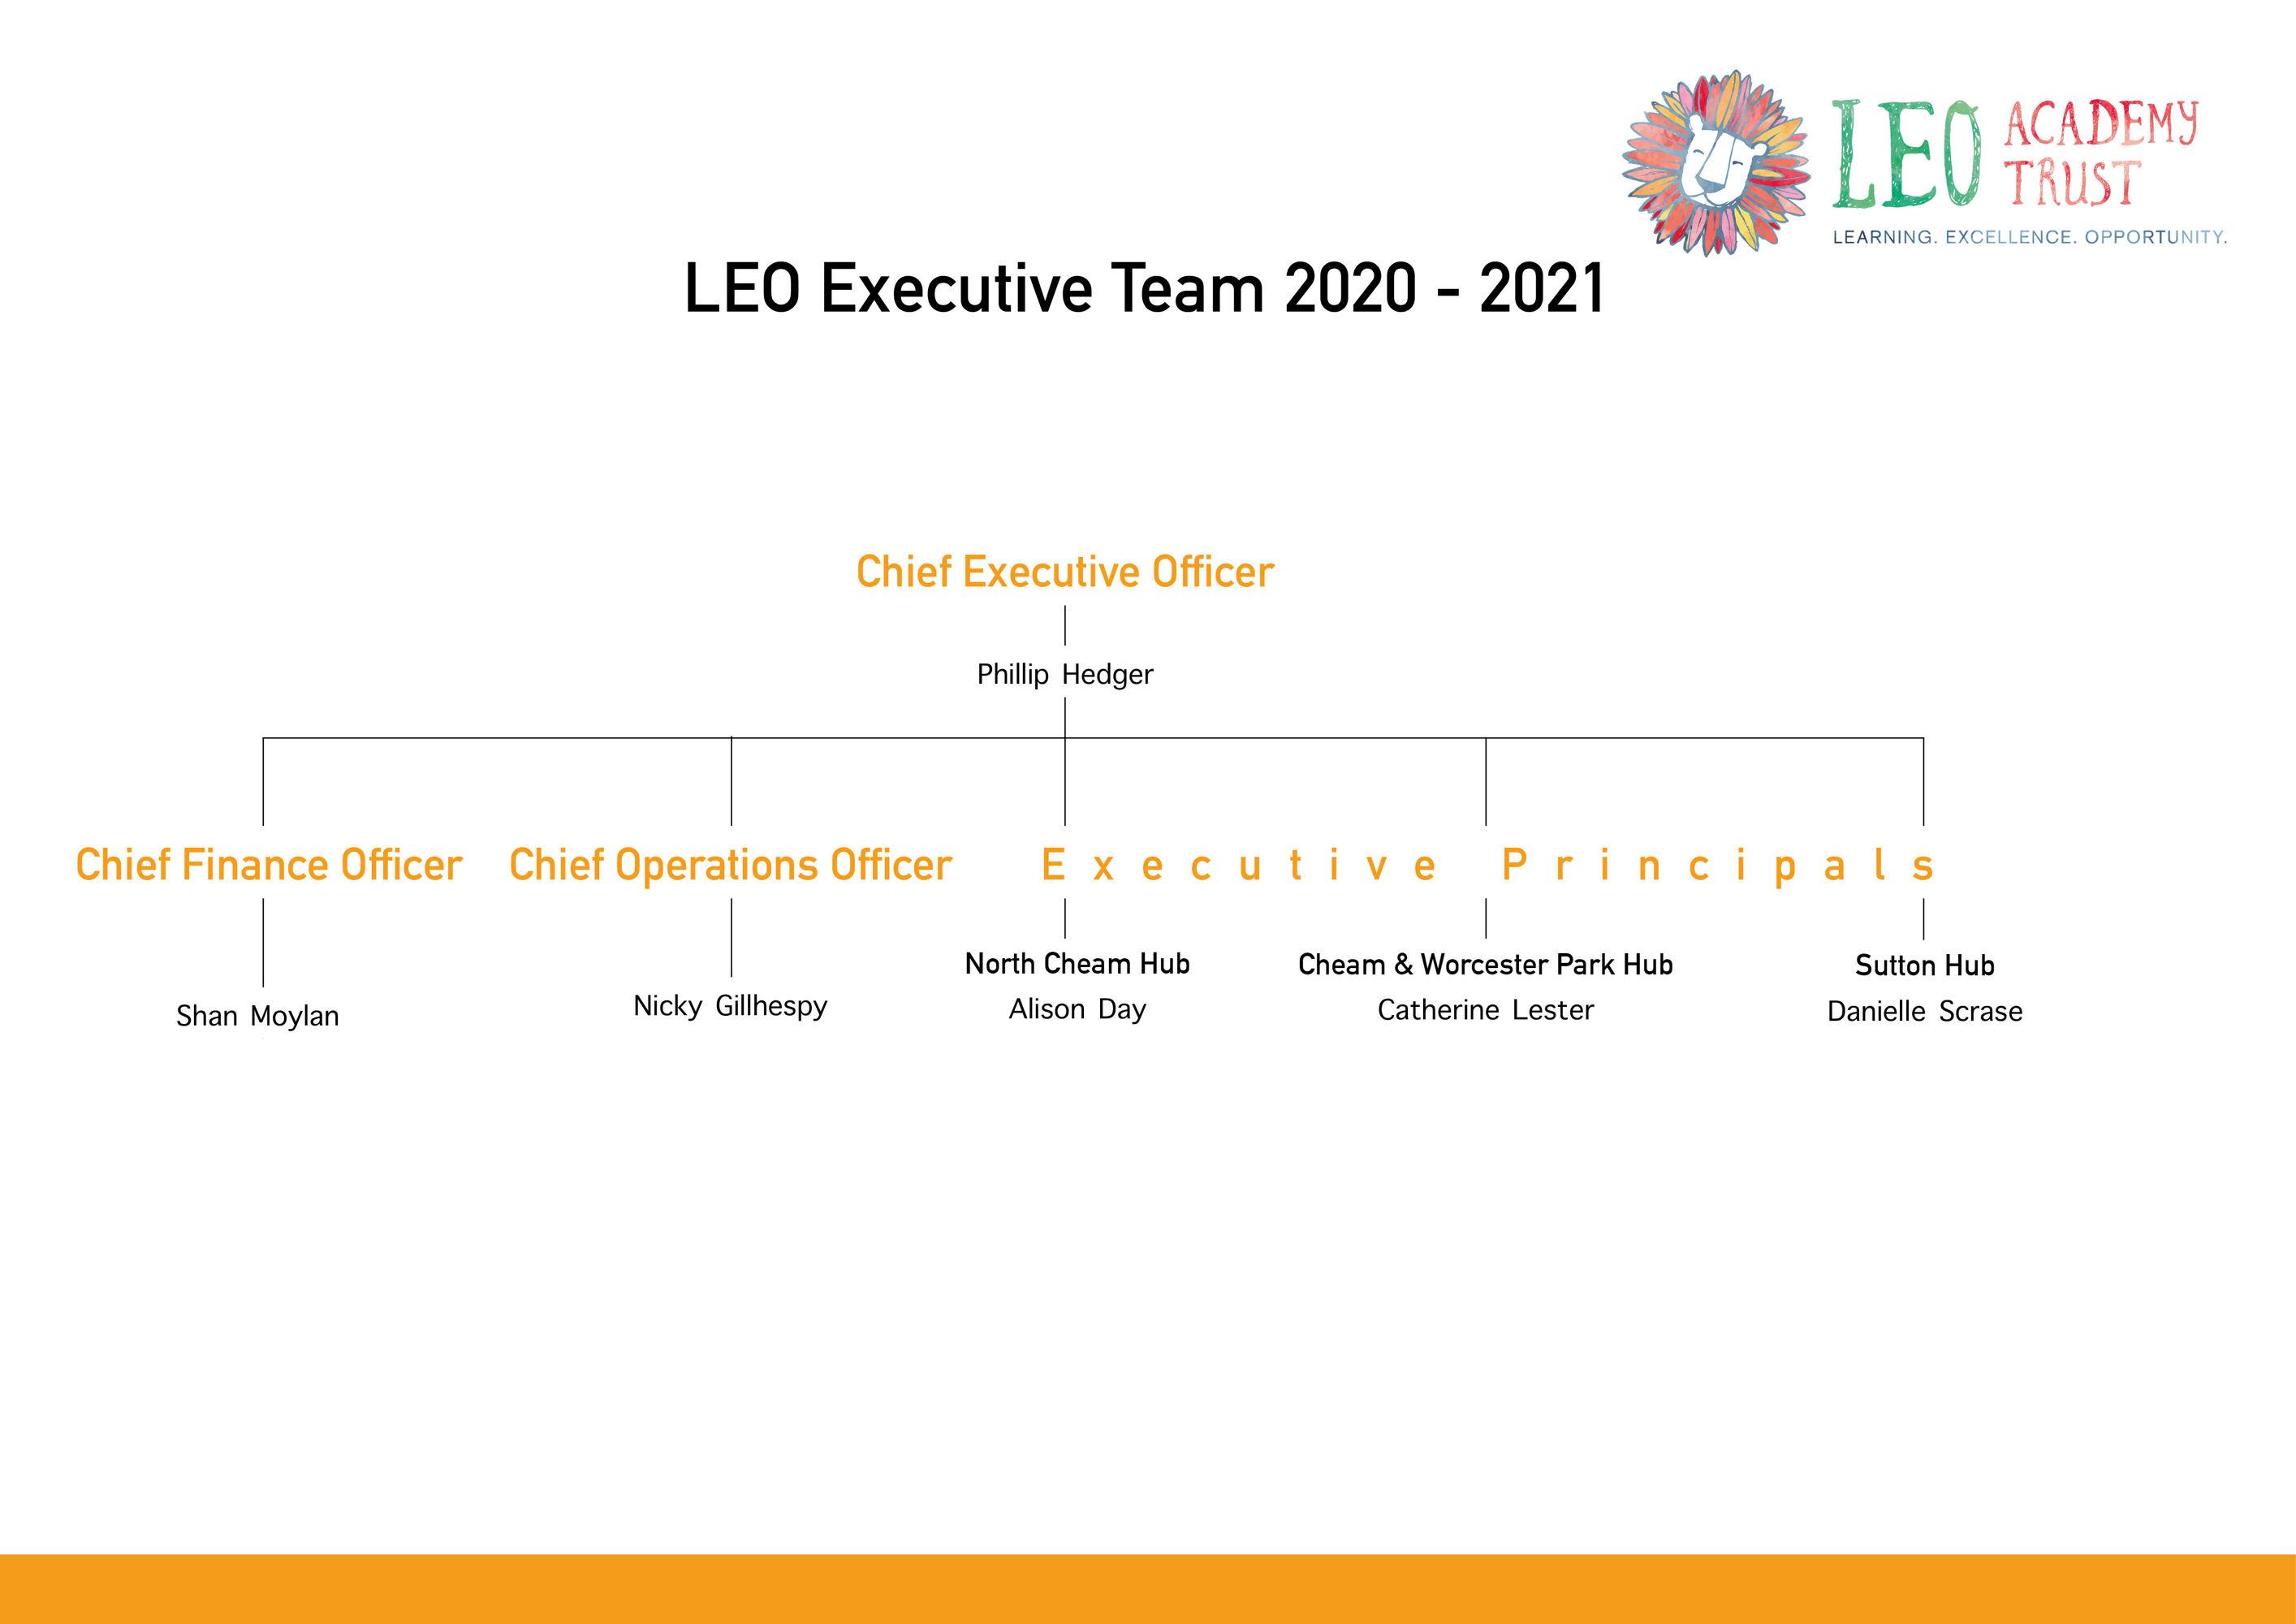 LEO Executive Team